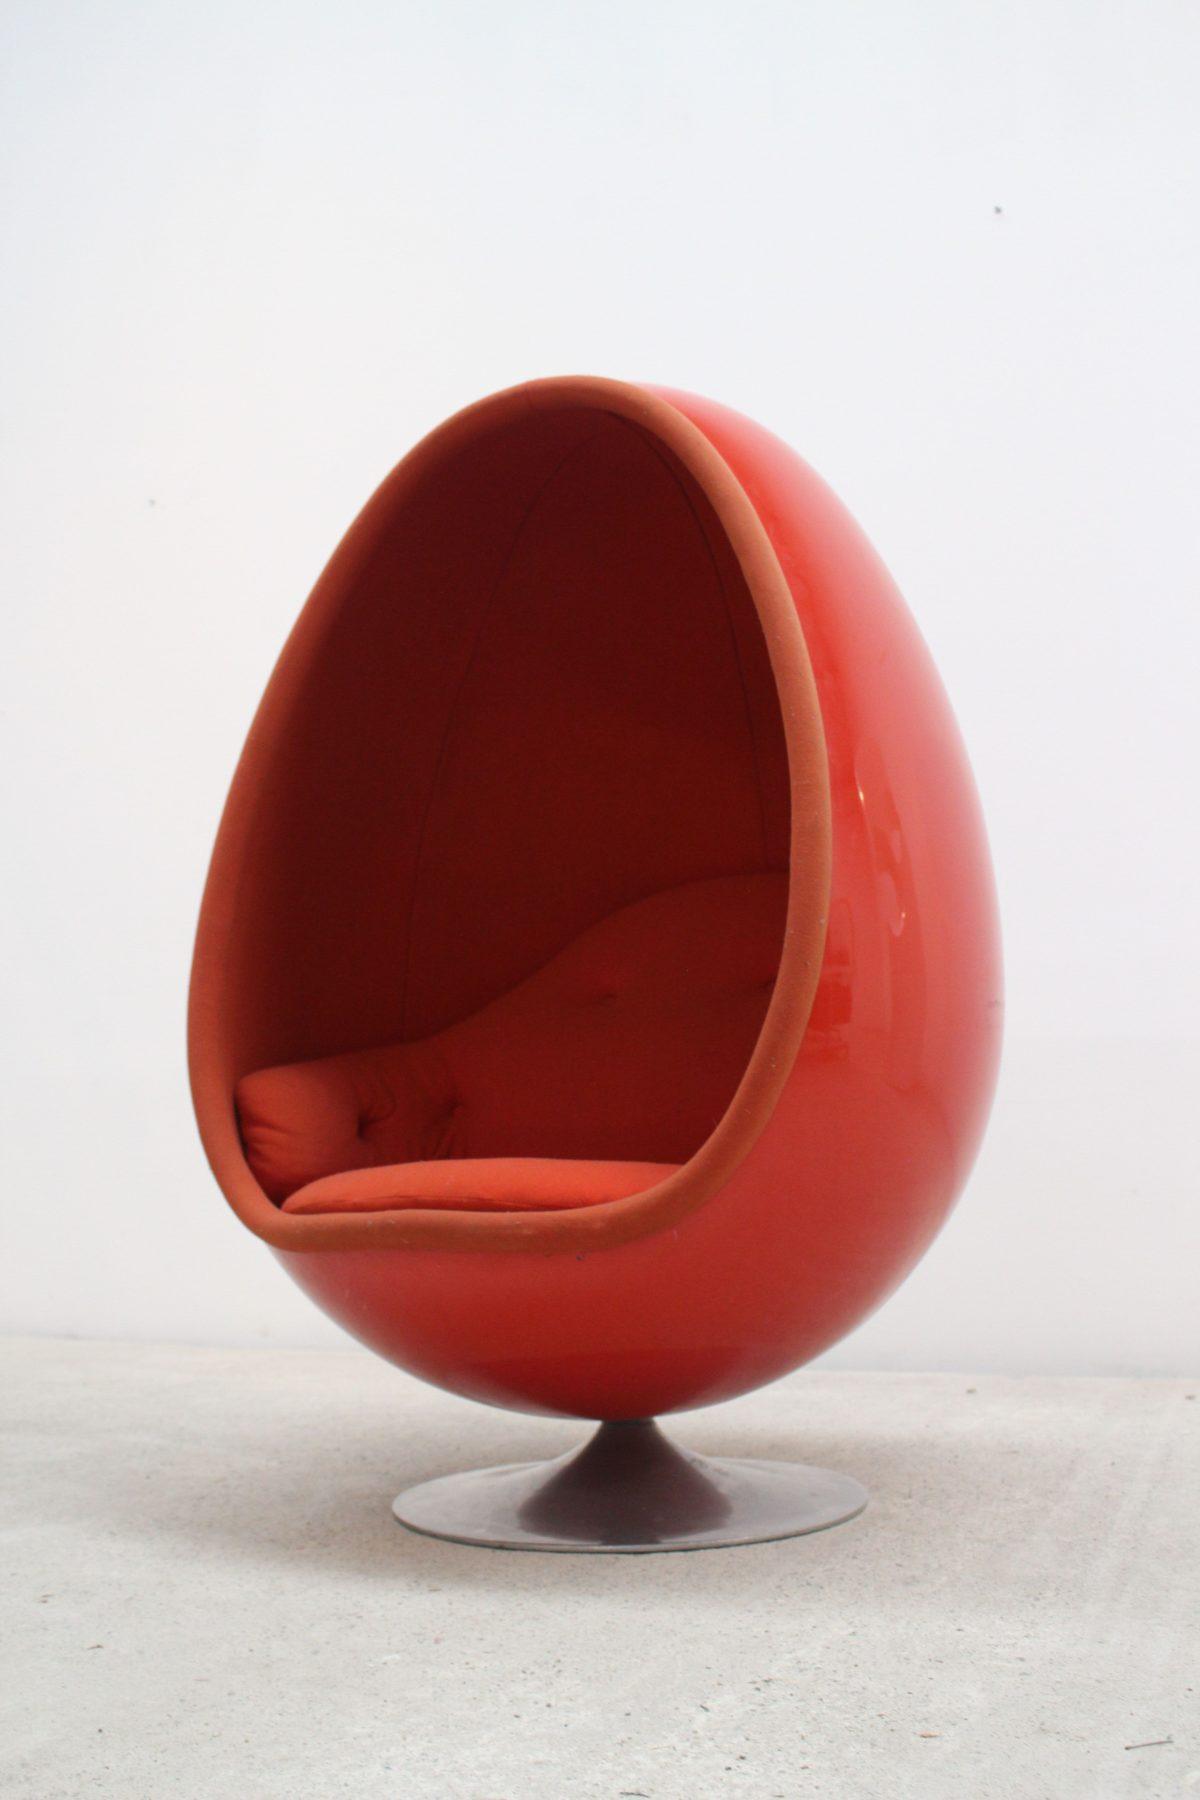 La représentation de l'œuf dans le design